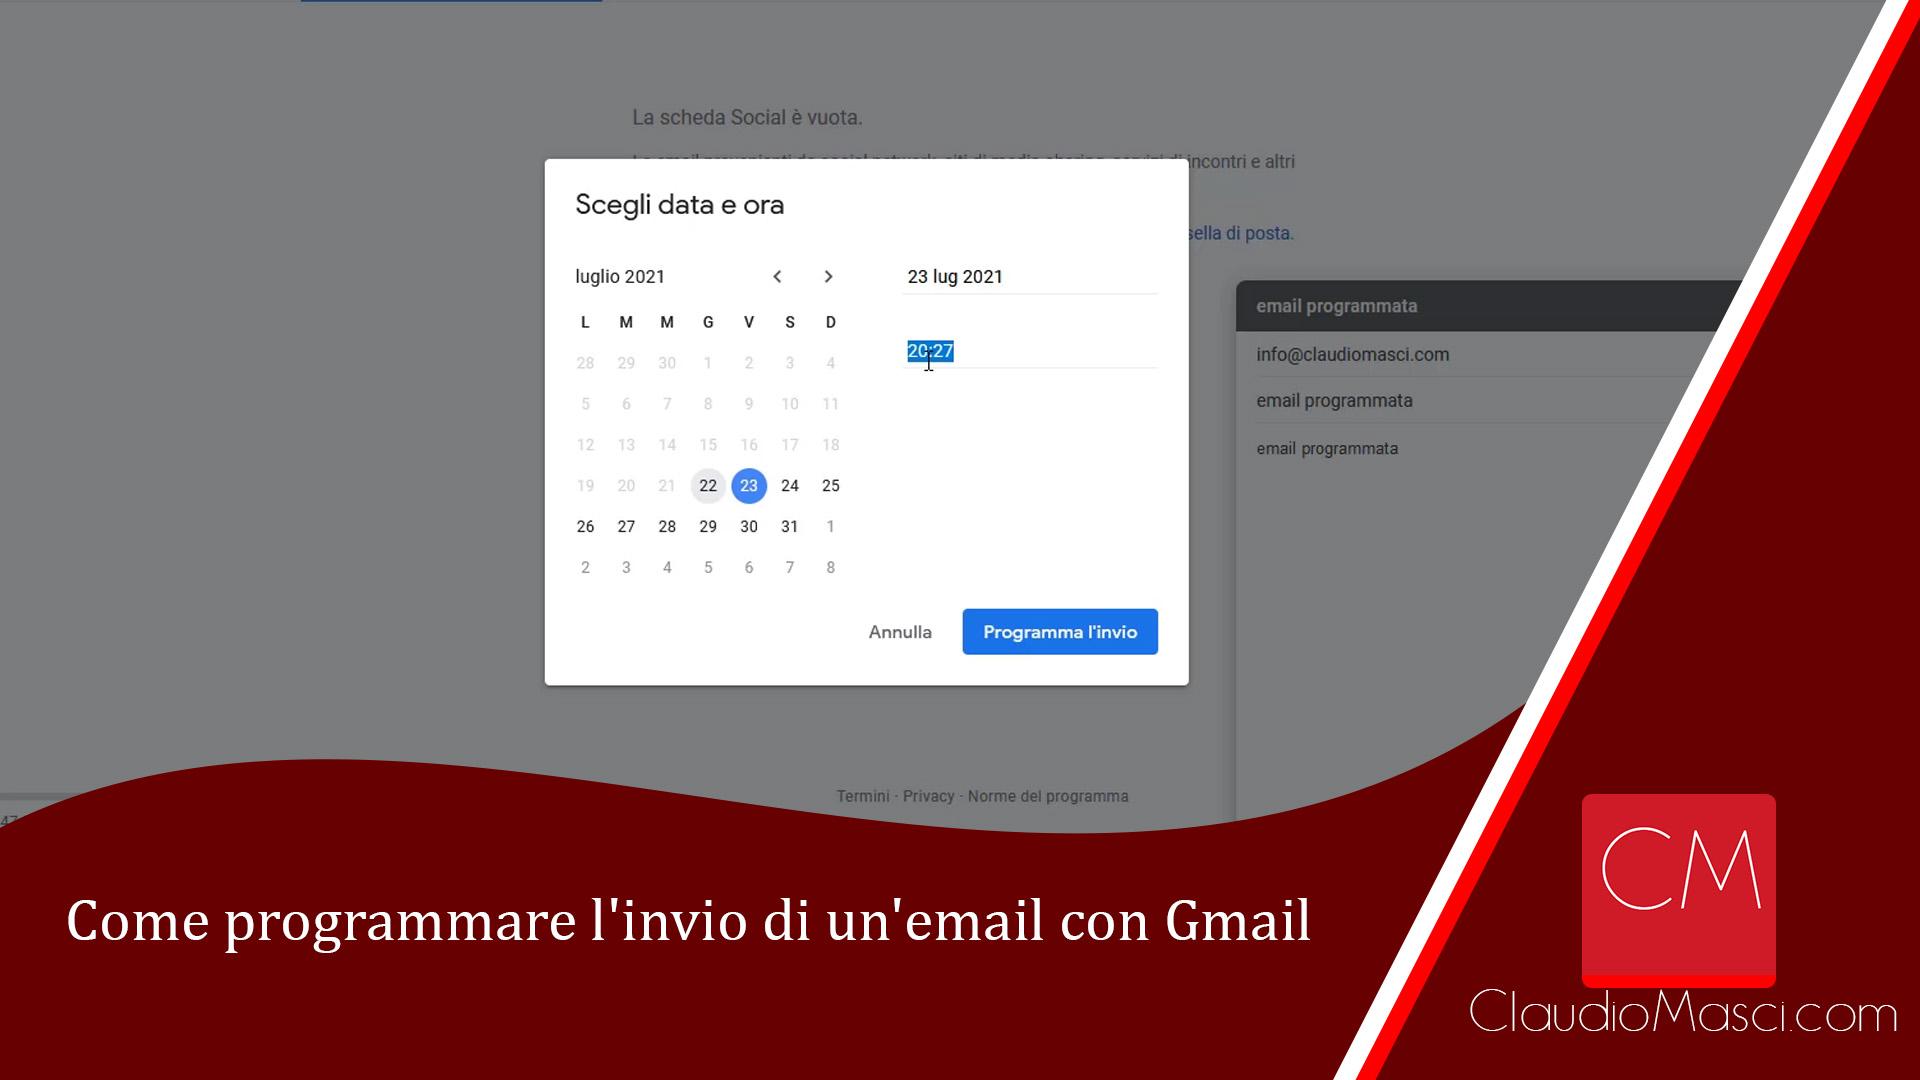 Come programmare l'invio di un'email con Gmail